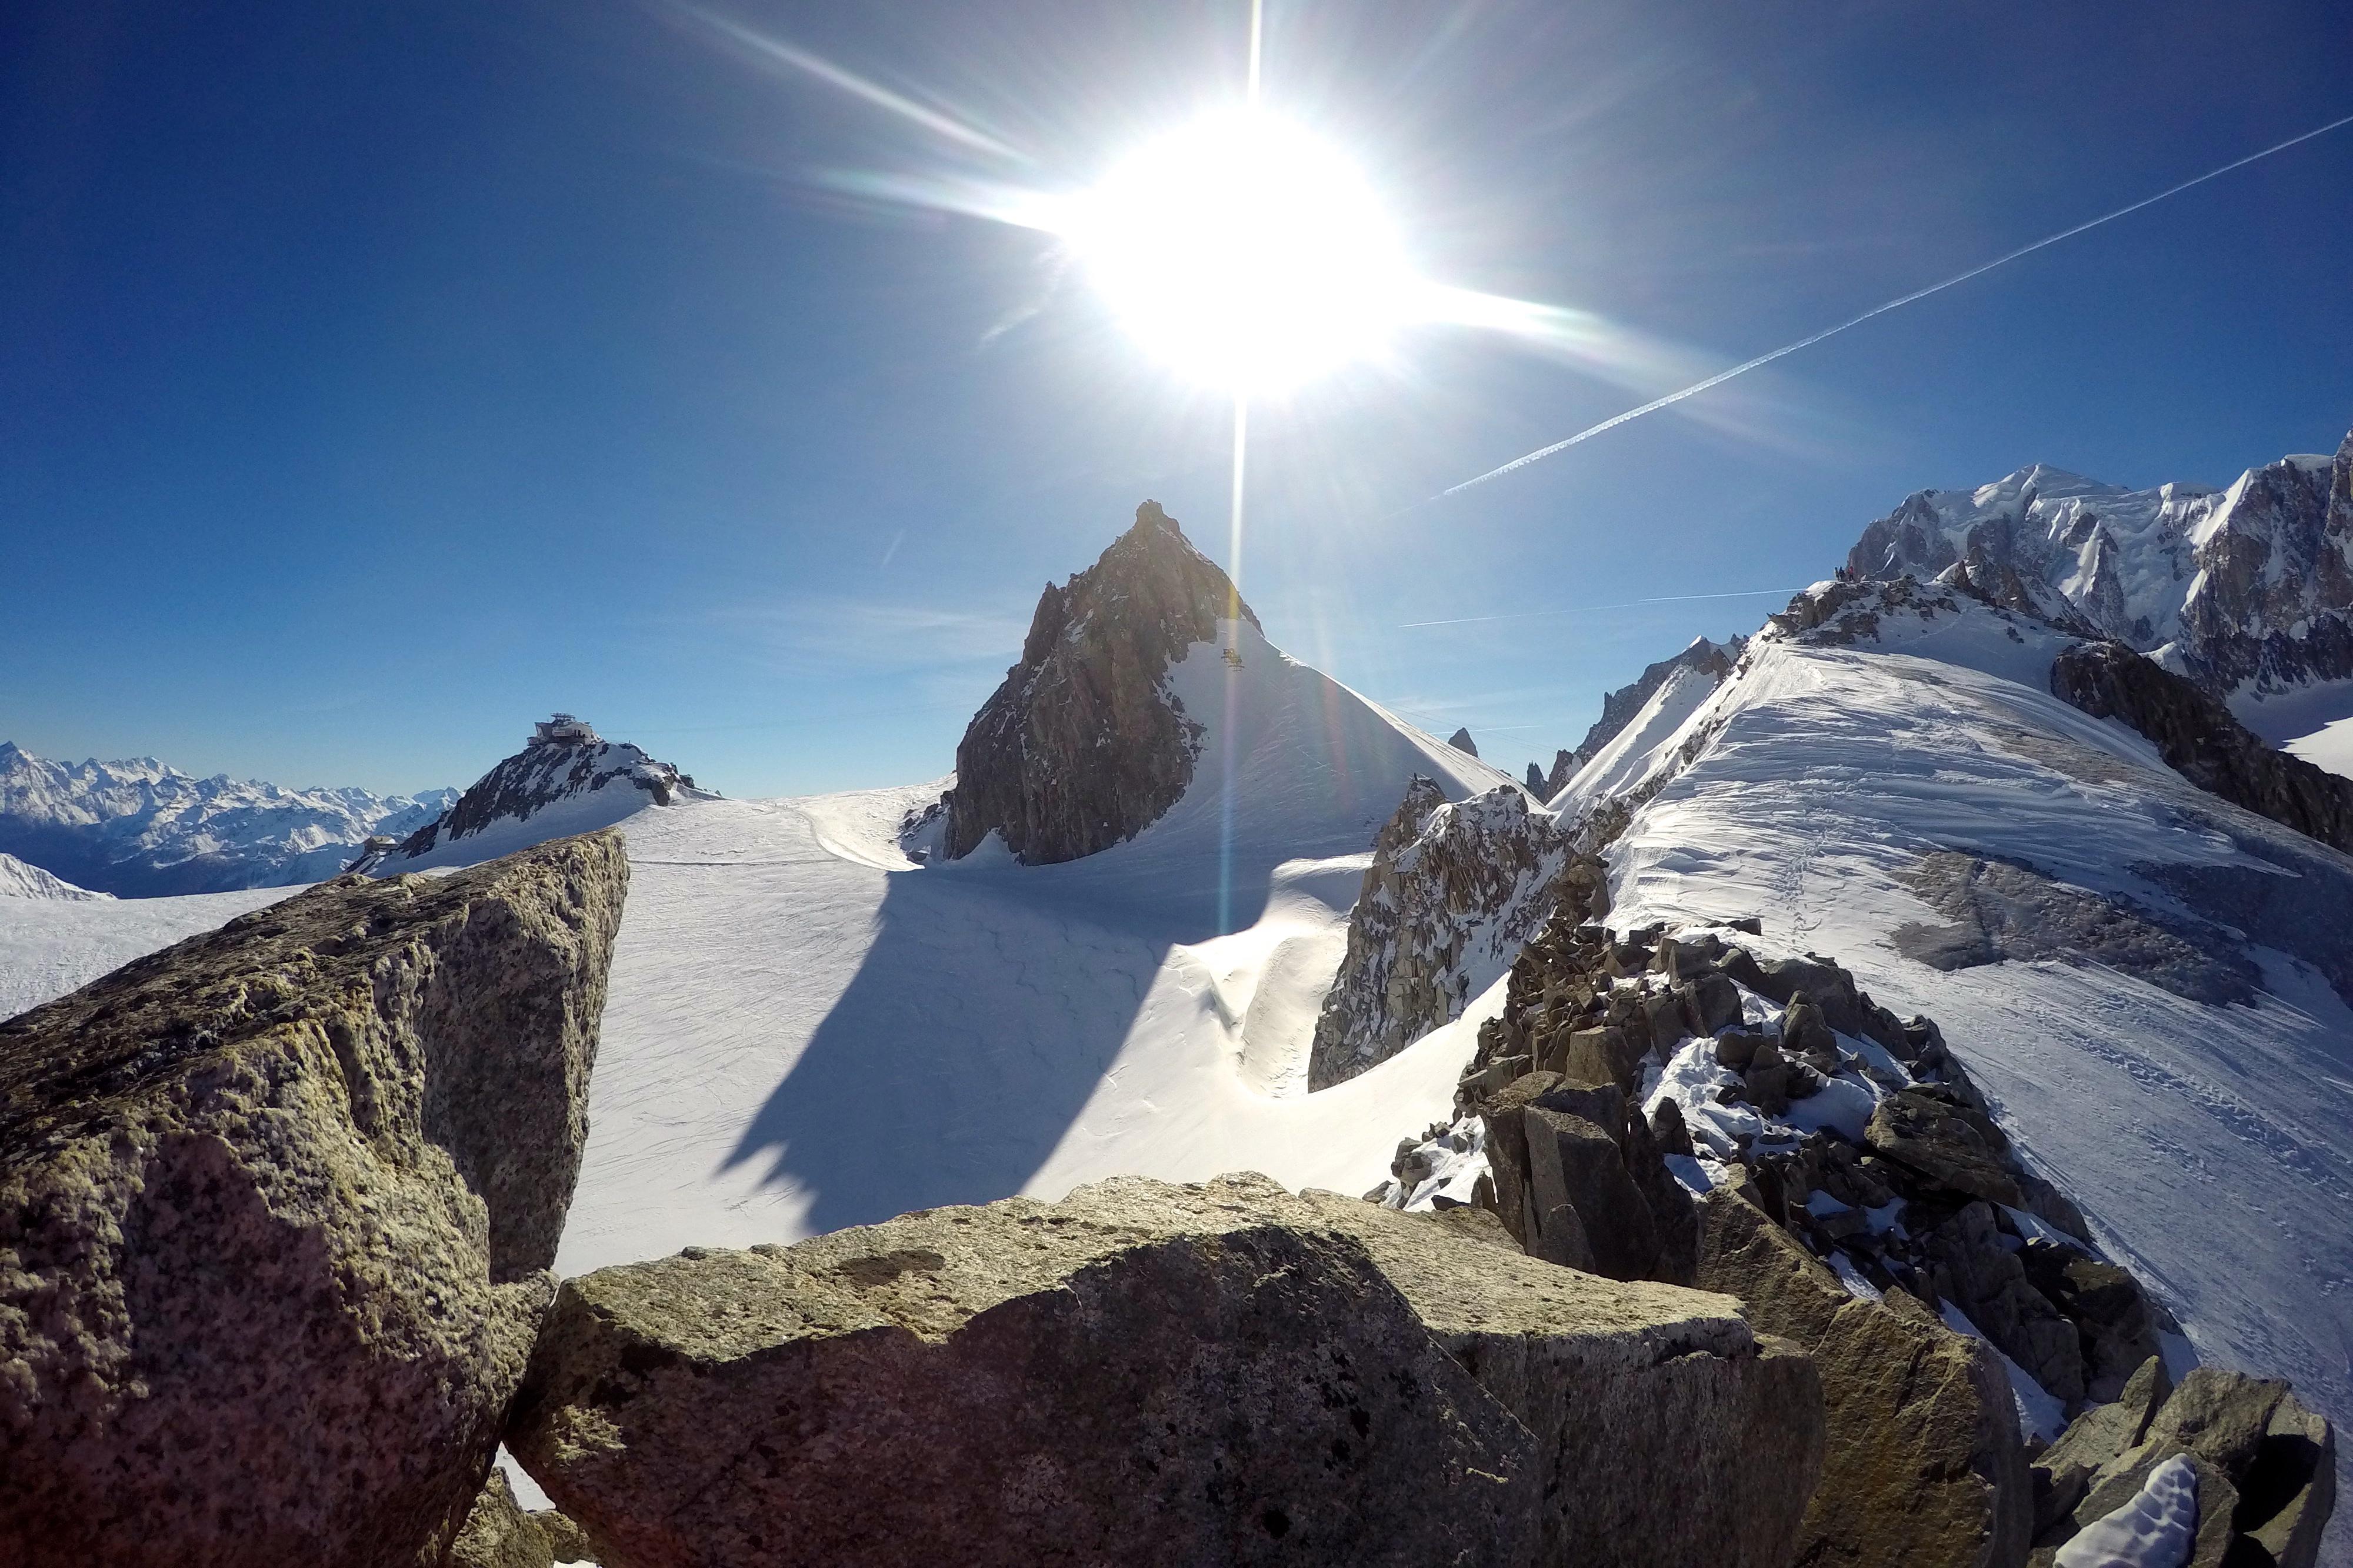 Nordøstryggen opp til Petit Flambeau (3.440 moh). Skylifts øvre stasjon på Pointe Helbronner og Grand Flambeau (3.559 moh) bak.